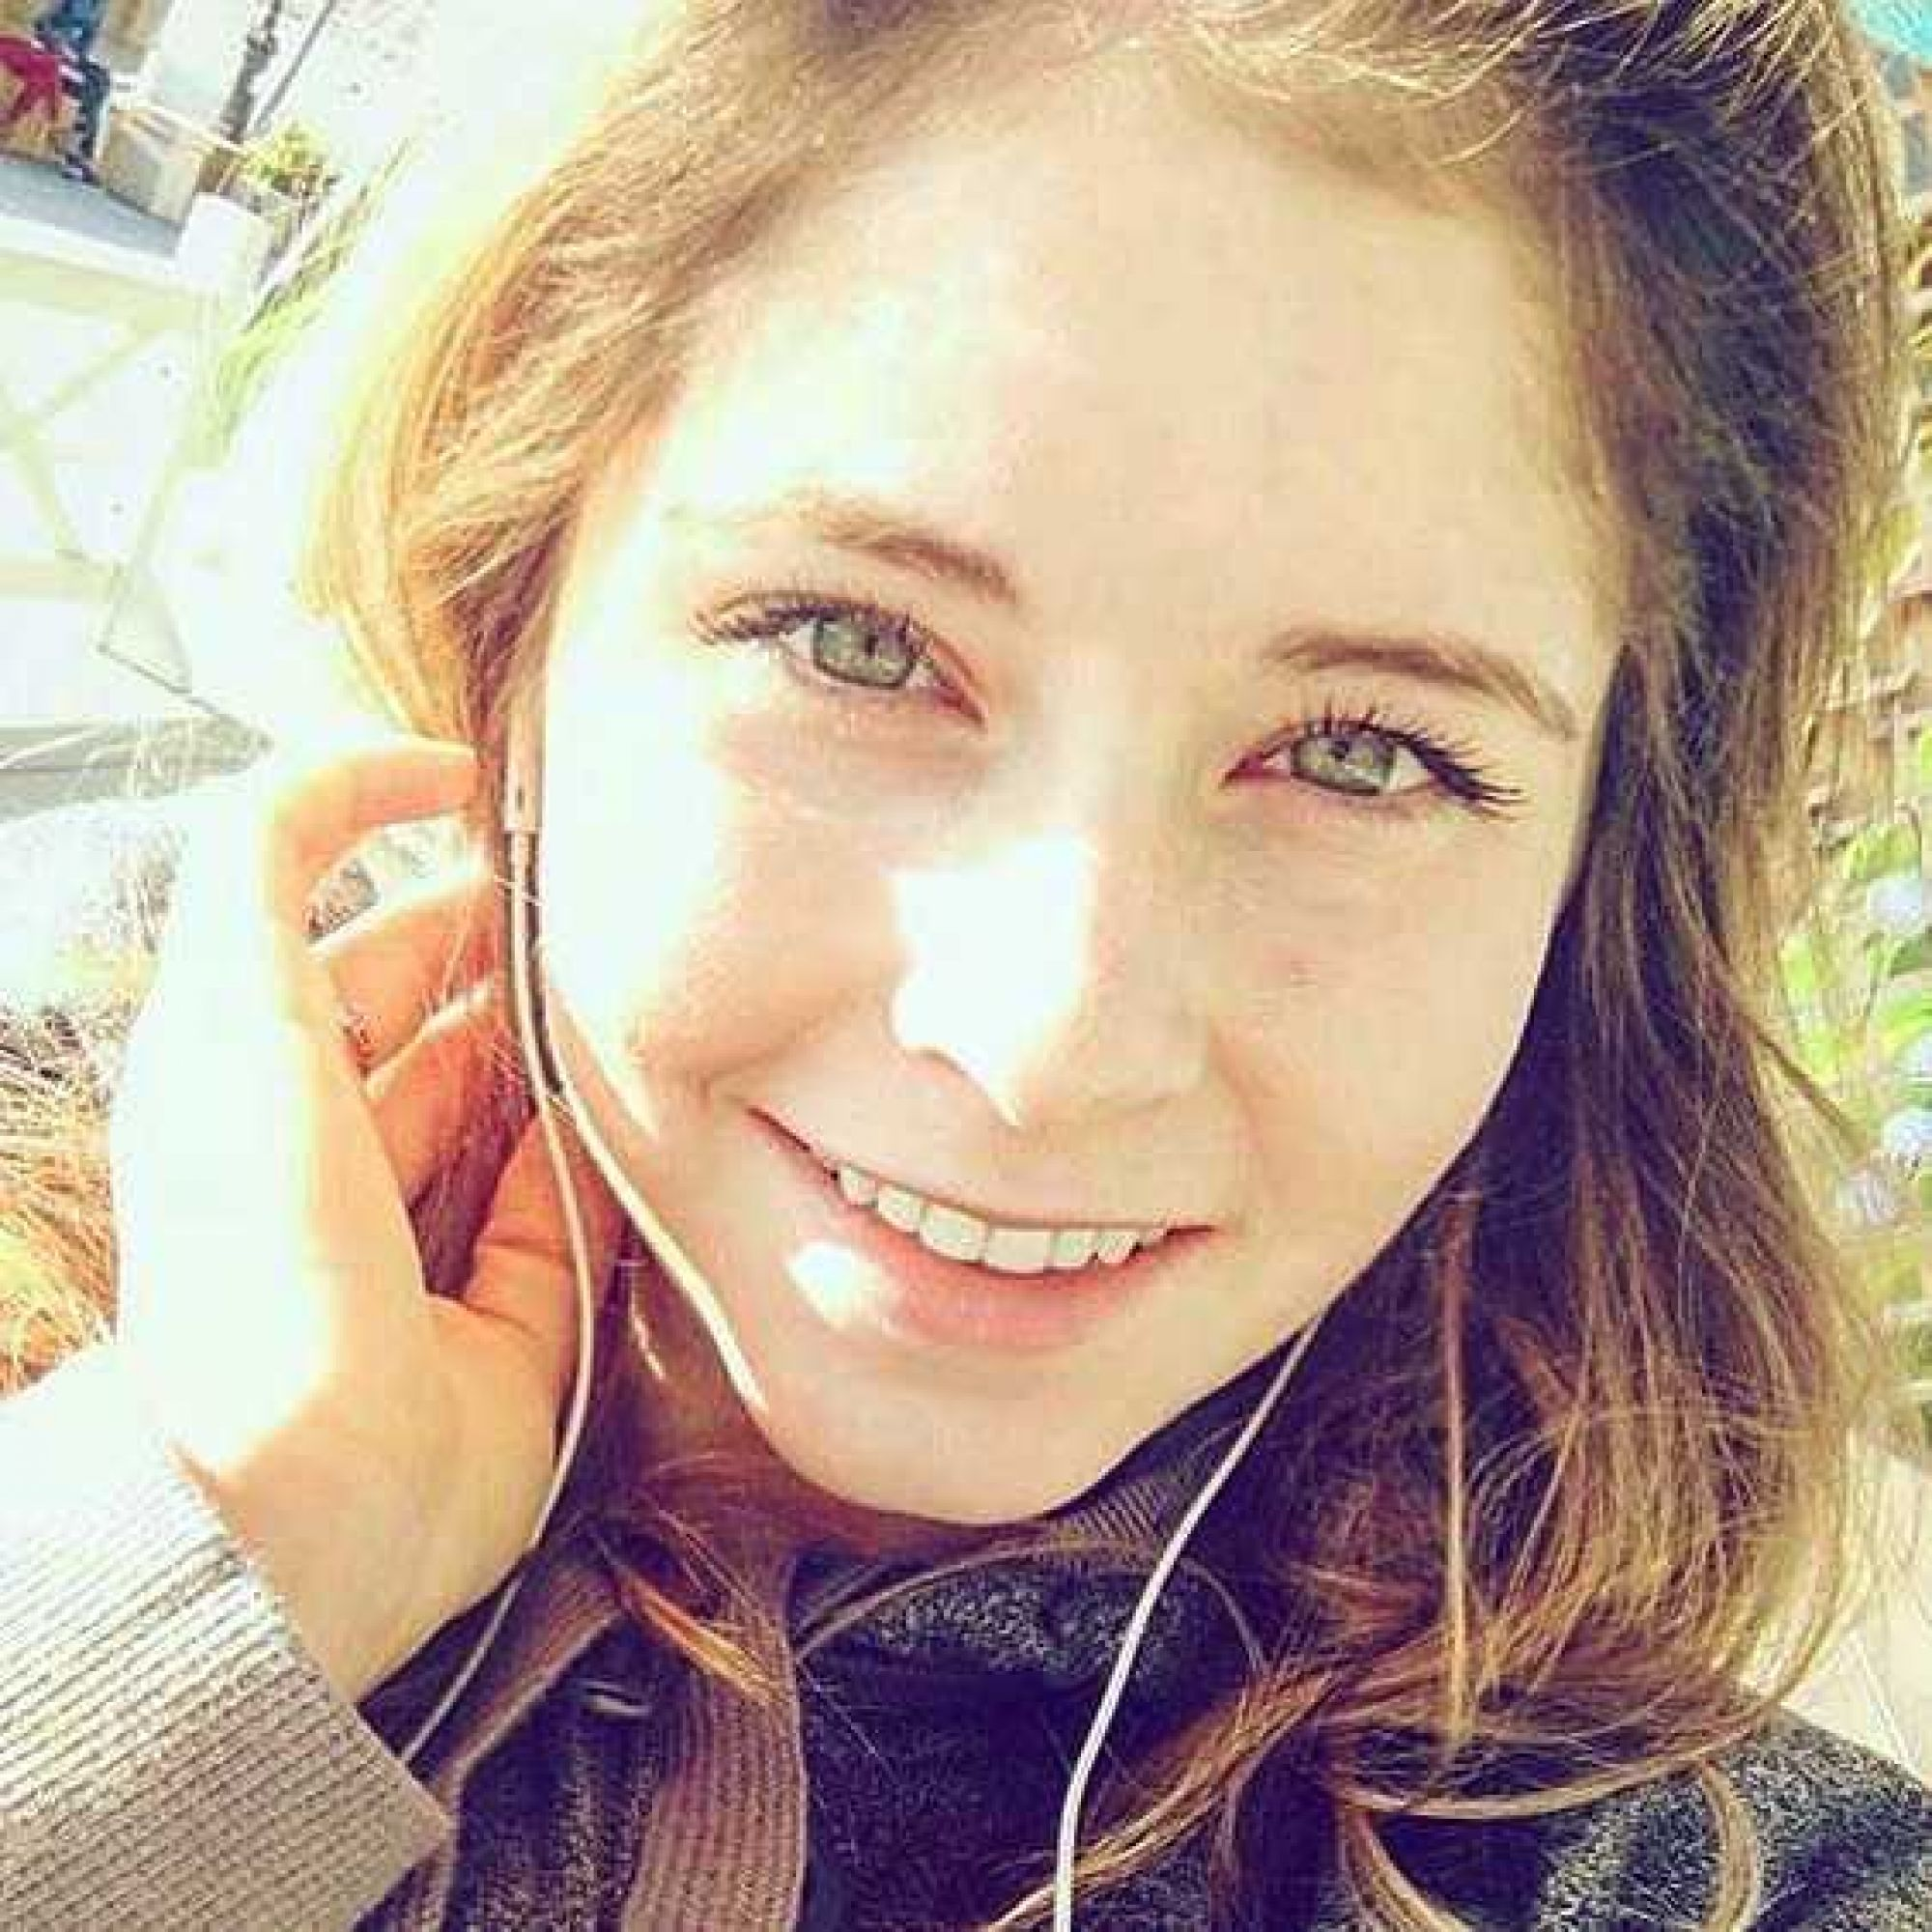 «Каталина»: Юлия Липницкая показала первую семейную фотографию с дочерью